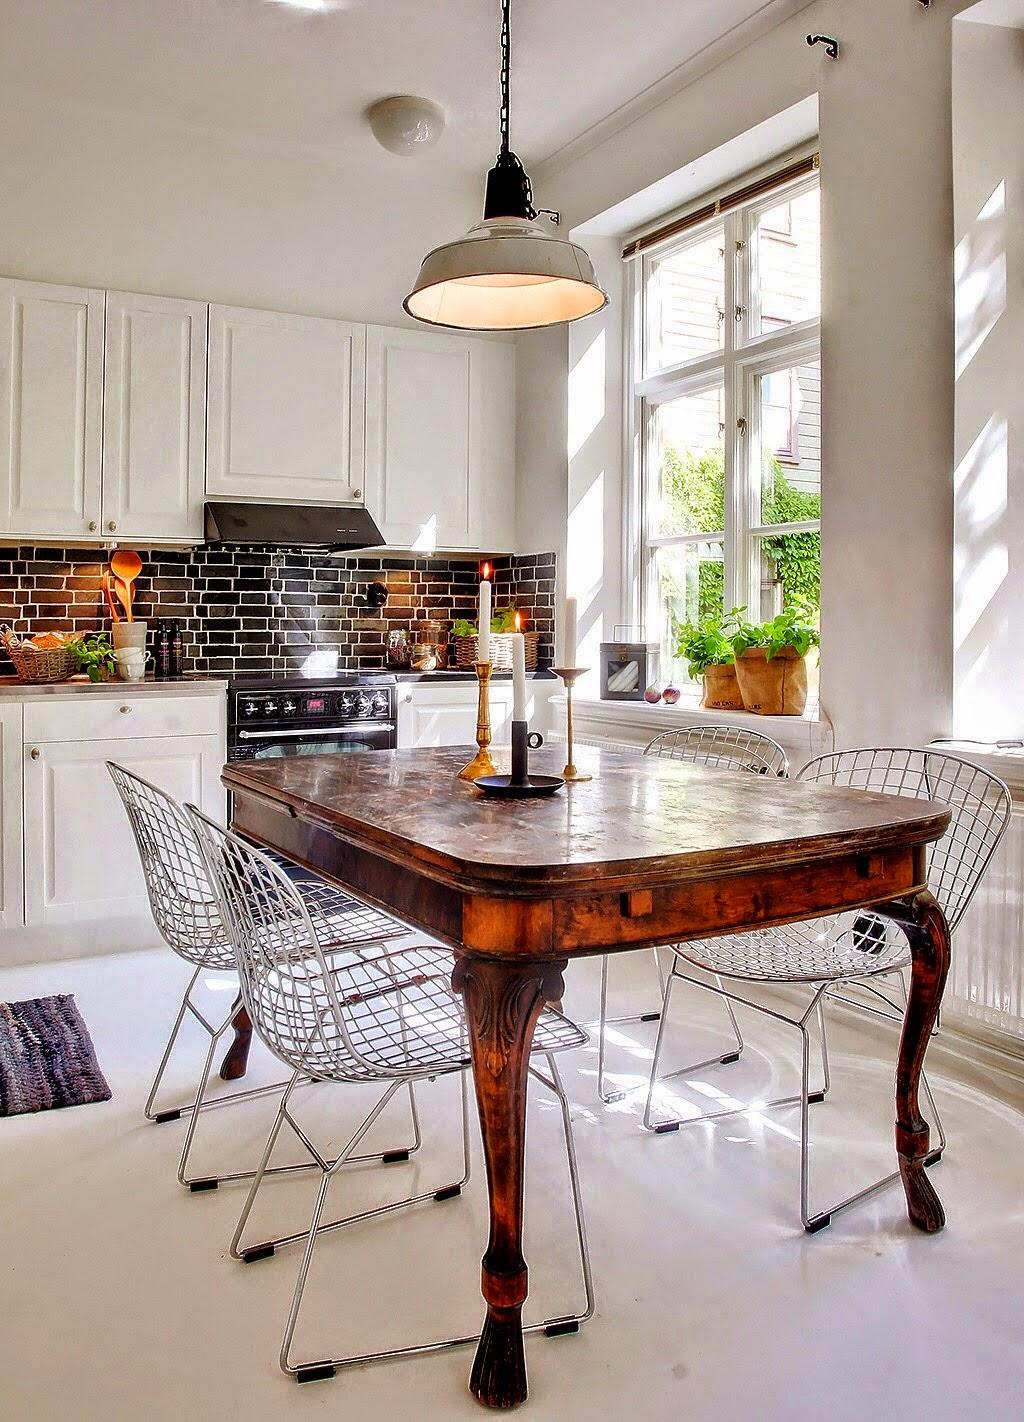 Boiserie c le calde luci che riscaldano il bianco for Tavoli da cucina antichi